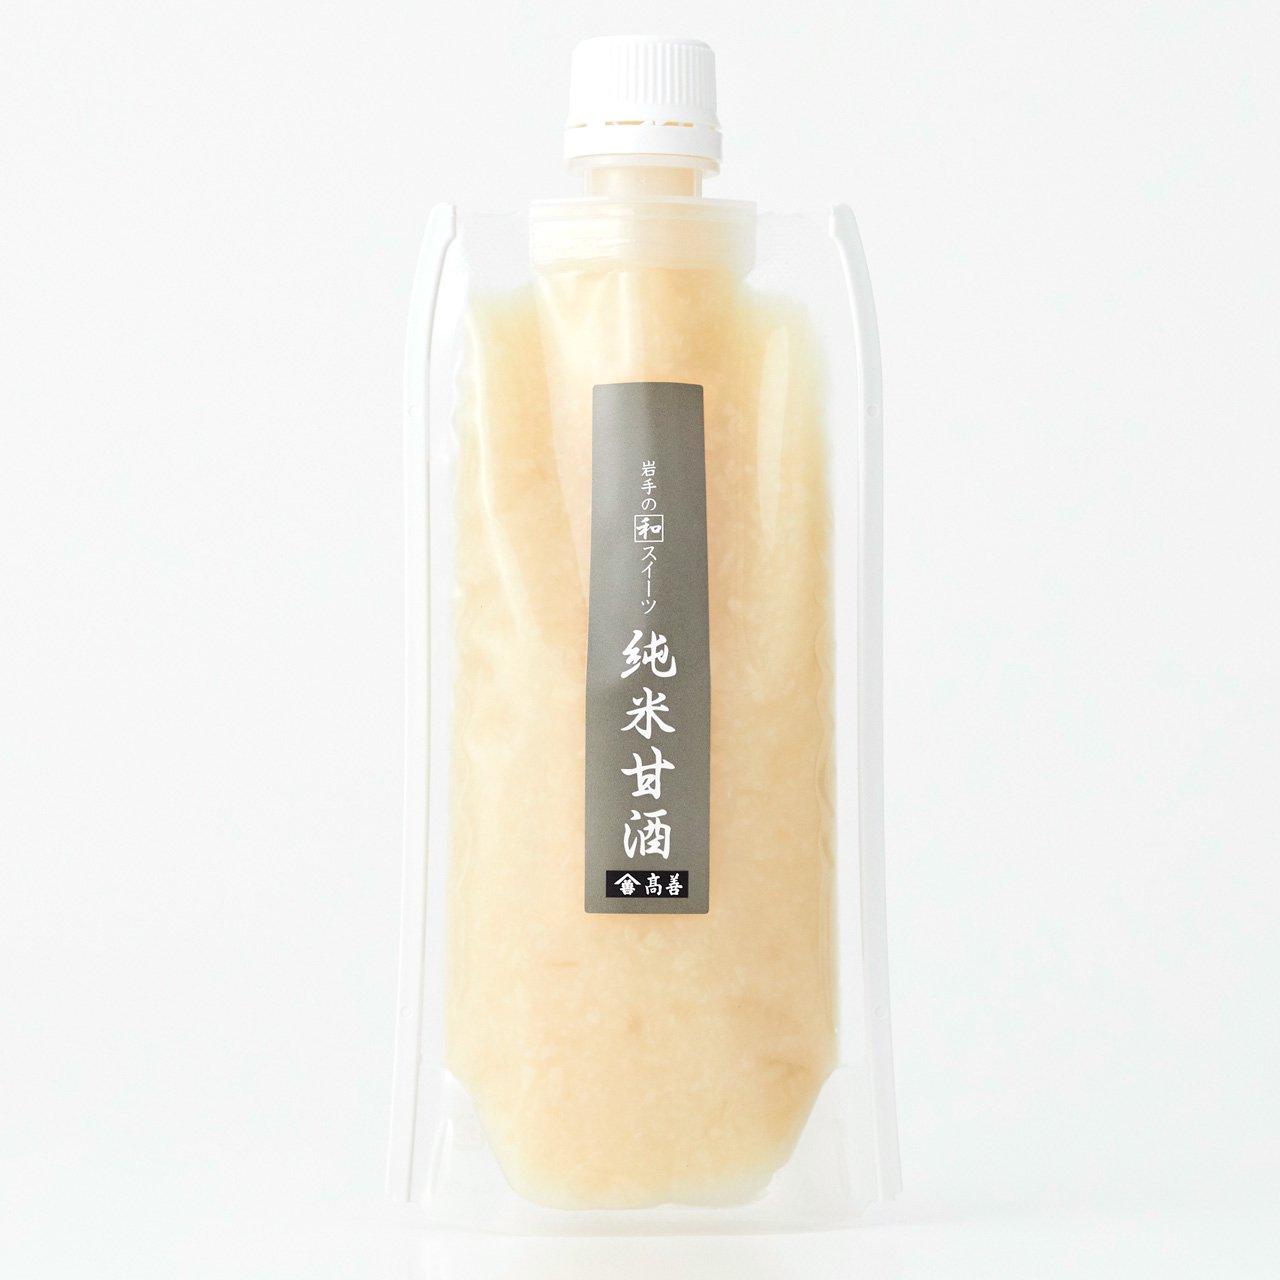 純米甘酒 180g(原液タイプ)